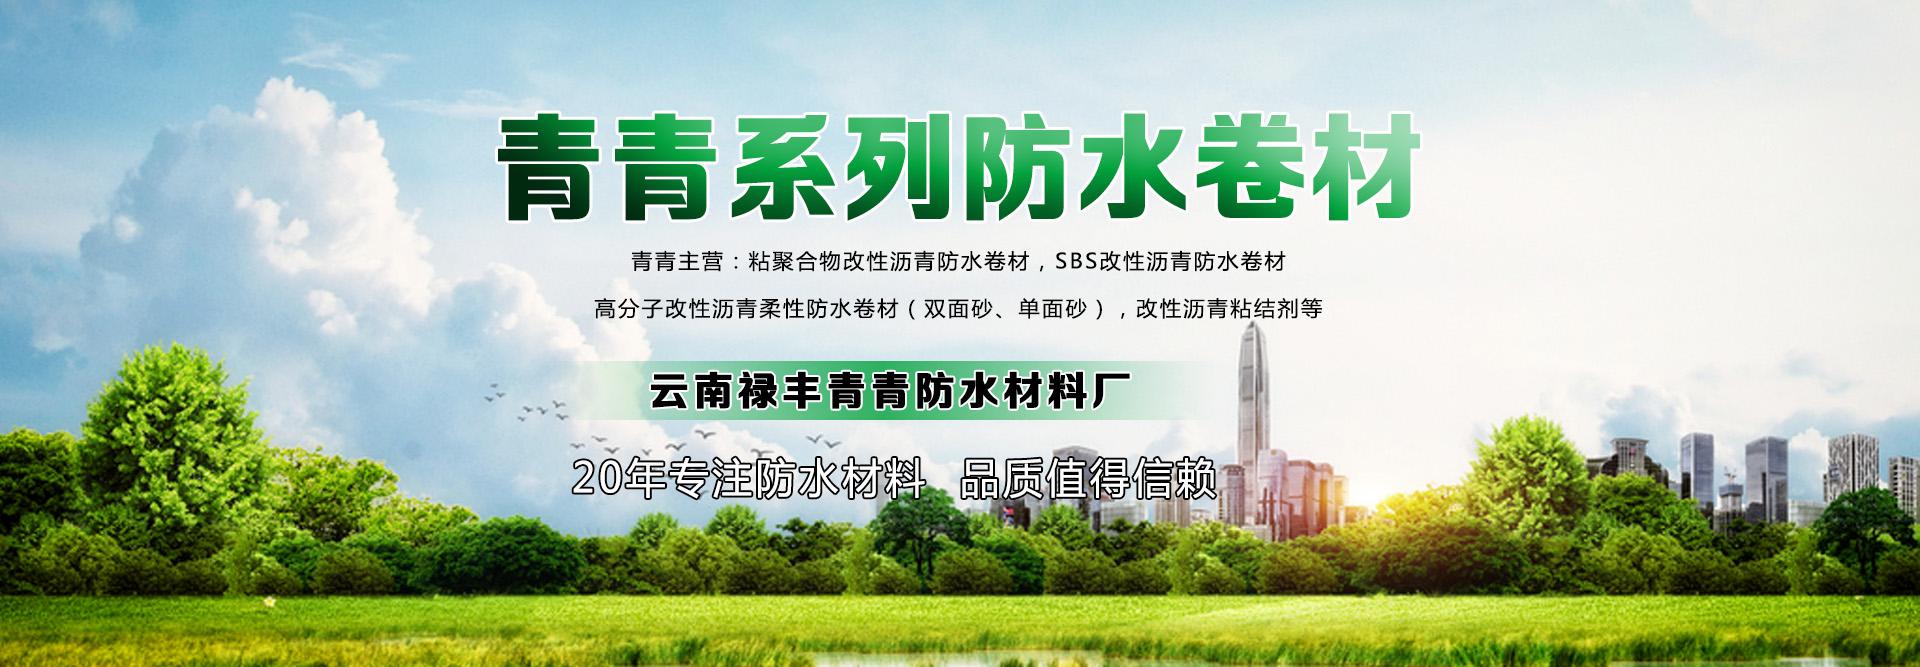 云南昆明青青防水材料